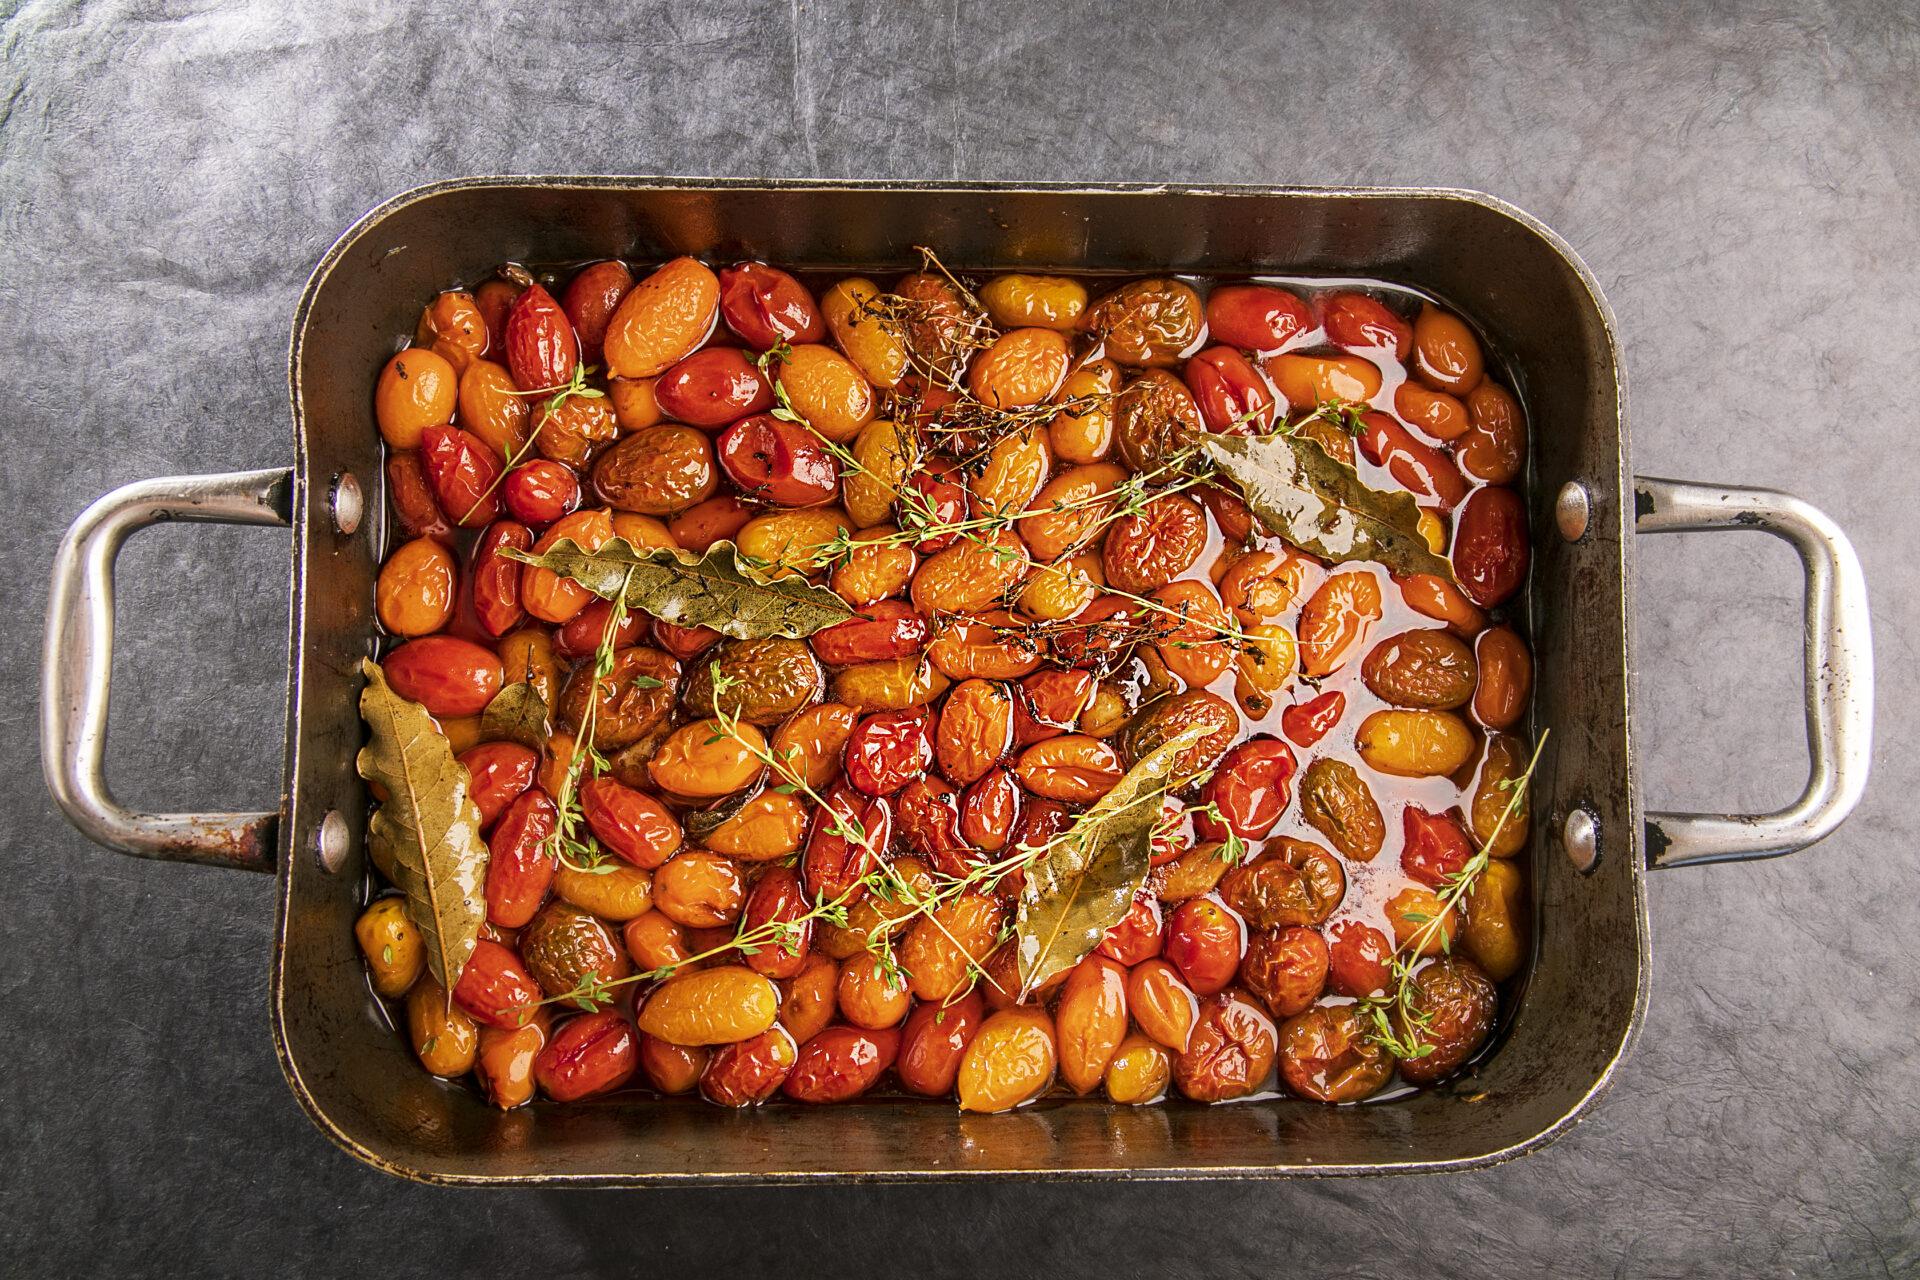 עגבניות שרי של יום שישי (וכל מה שאפשר לעשות איתן)